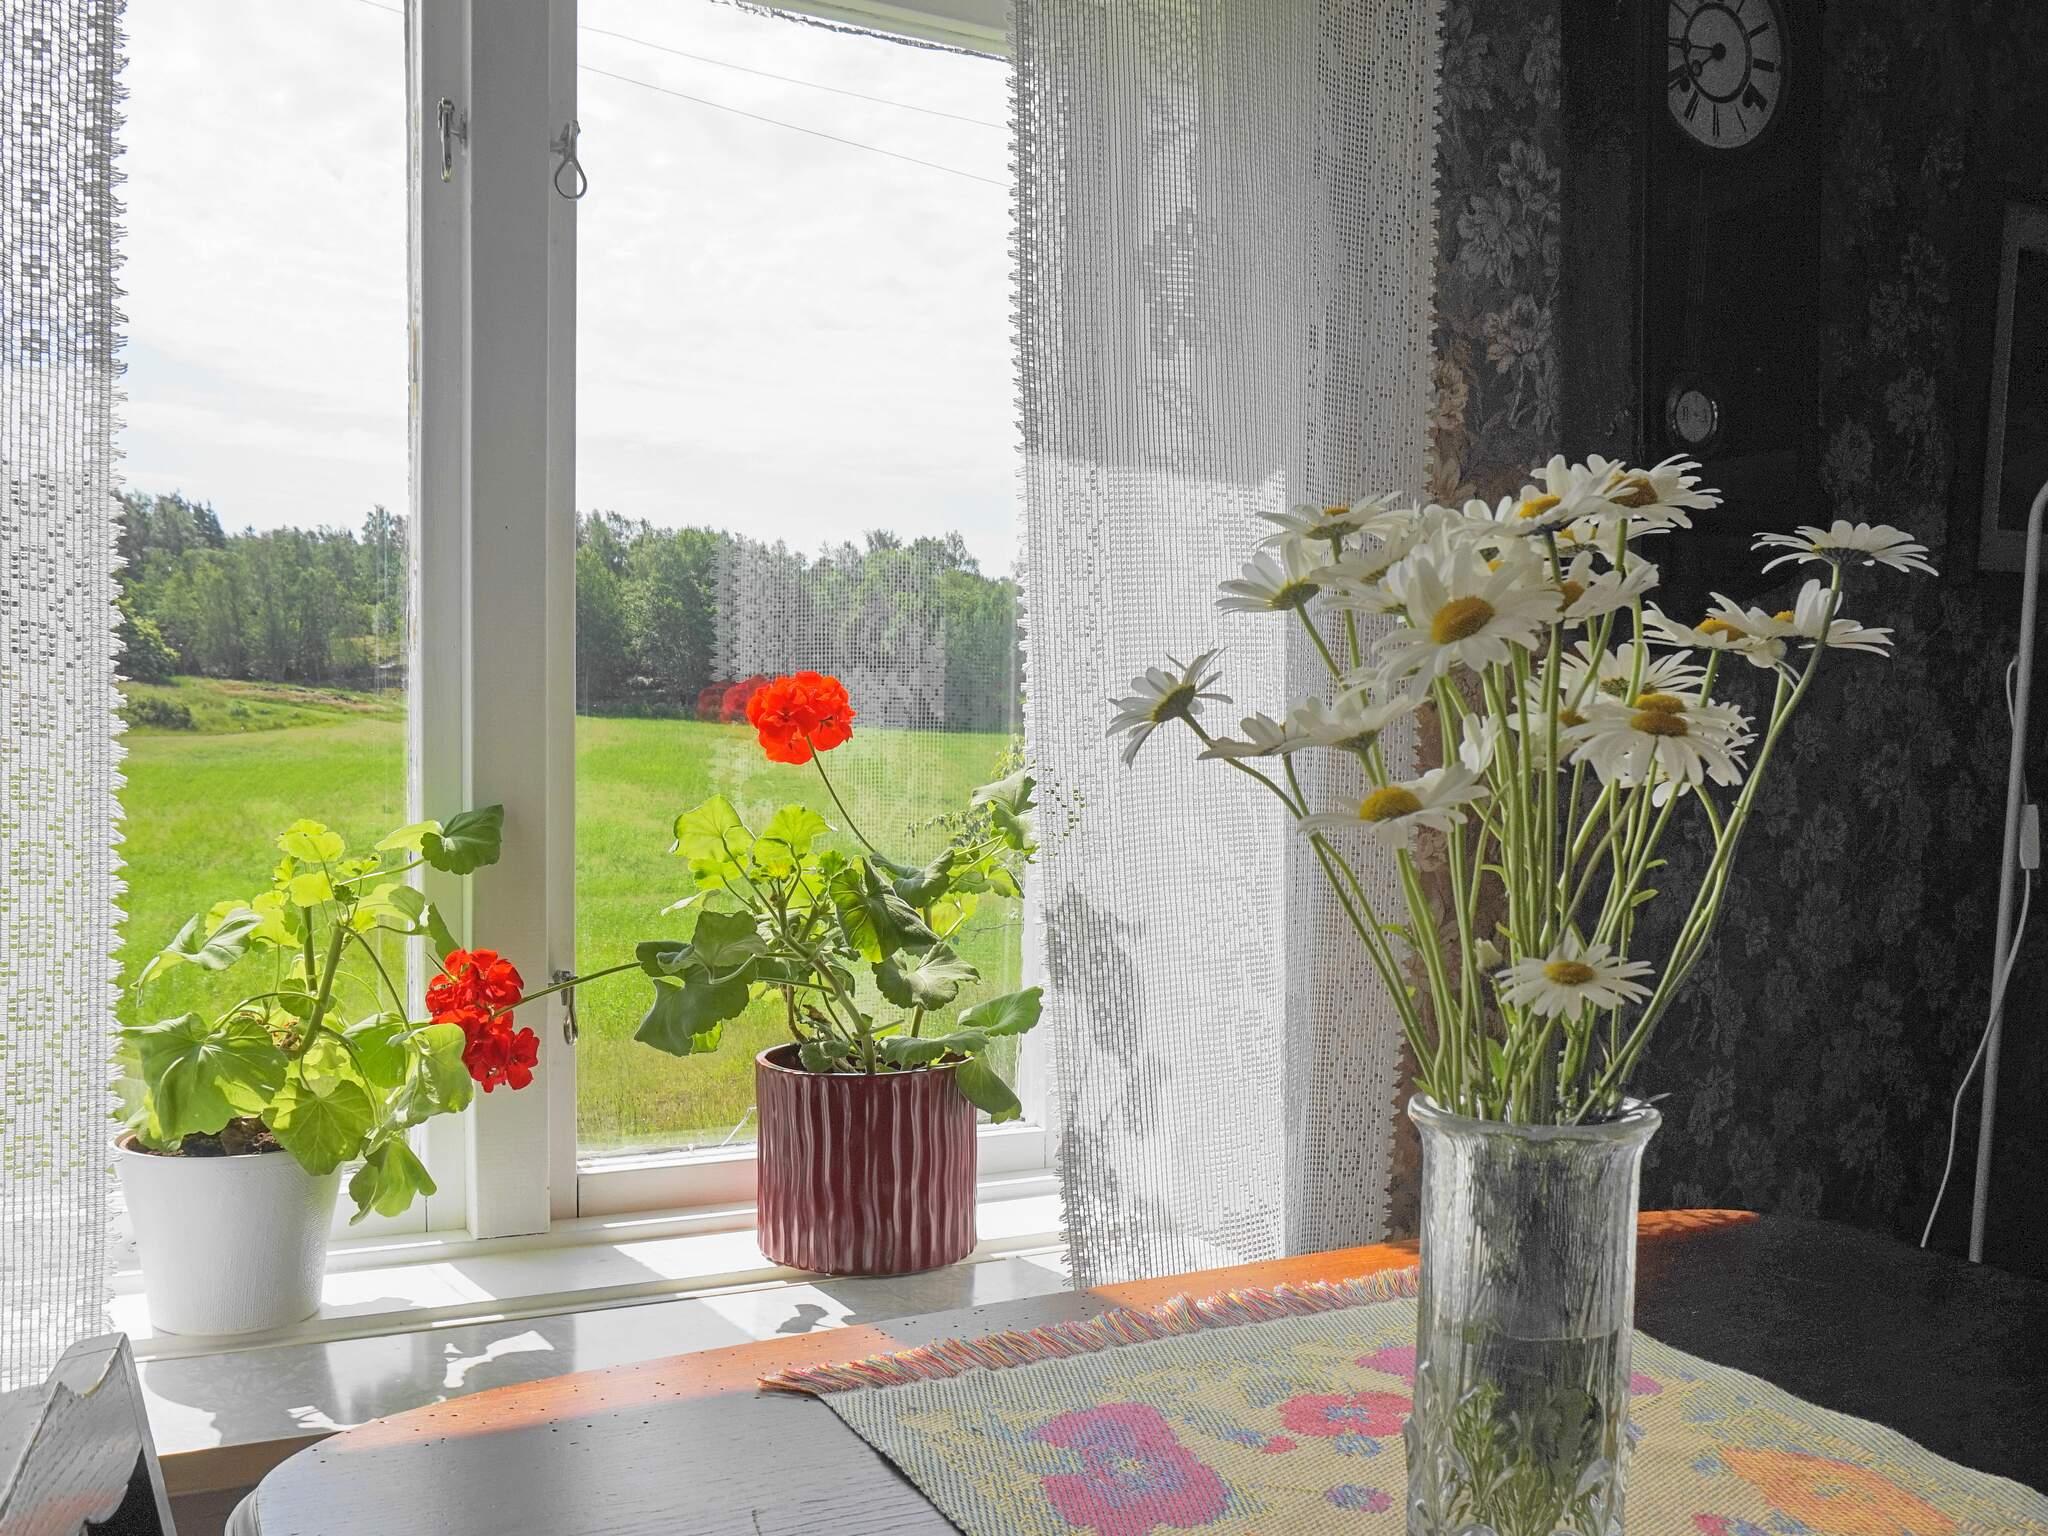 Ferienhaus Orust/Tegneby (2636850), Tegneby, Västra Götaland län, Westschweden, Schweden, Bild 2